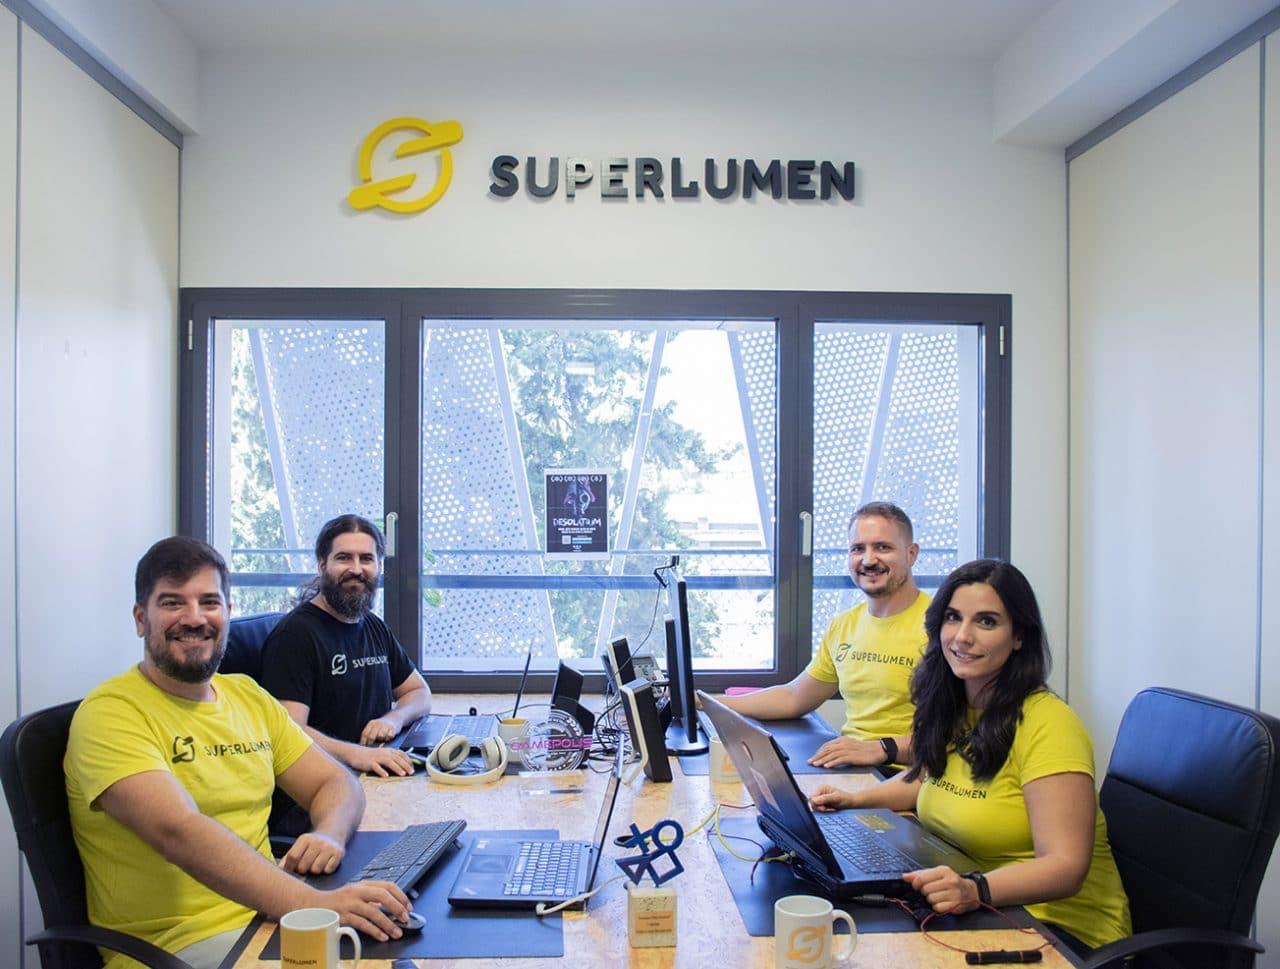 SUPERLUMEN team